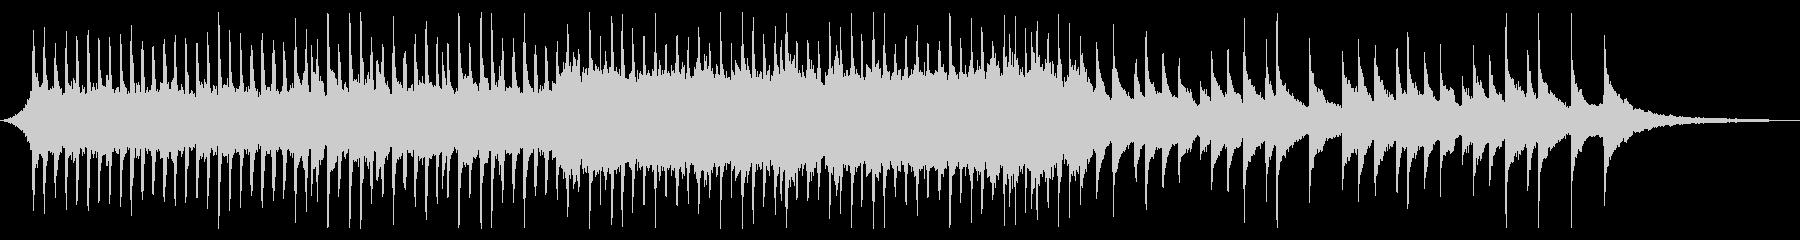 ショートver 希望の光 ピアノ・弦の未再生の波形